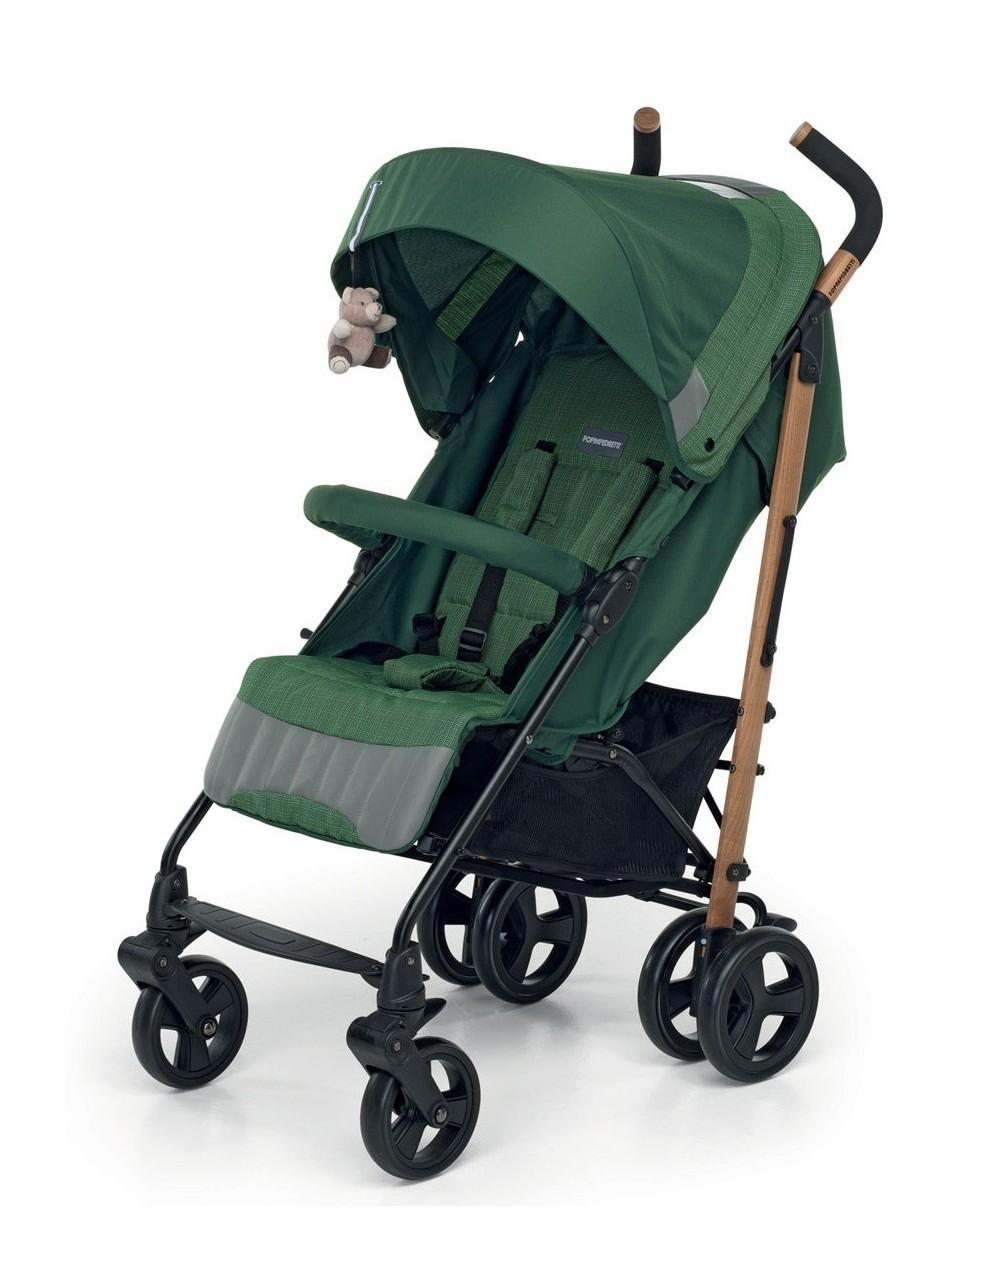 Eco pass florestal carrinho - Foppapedretti